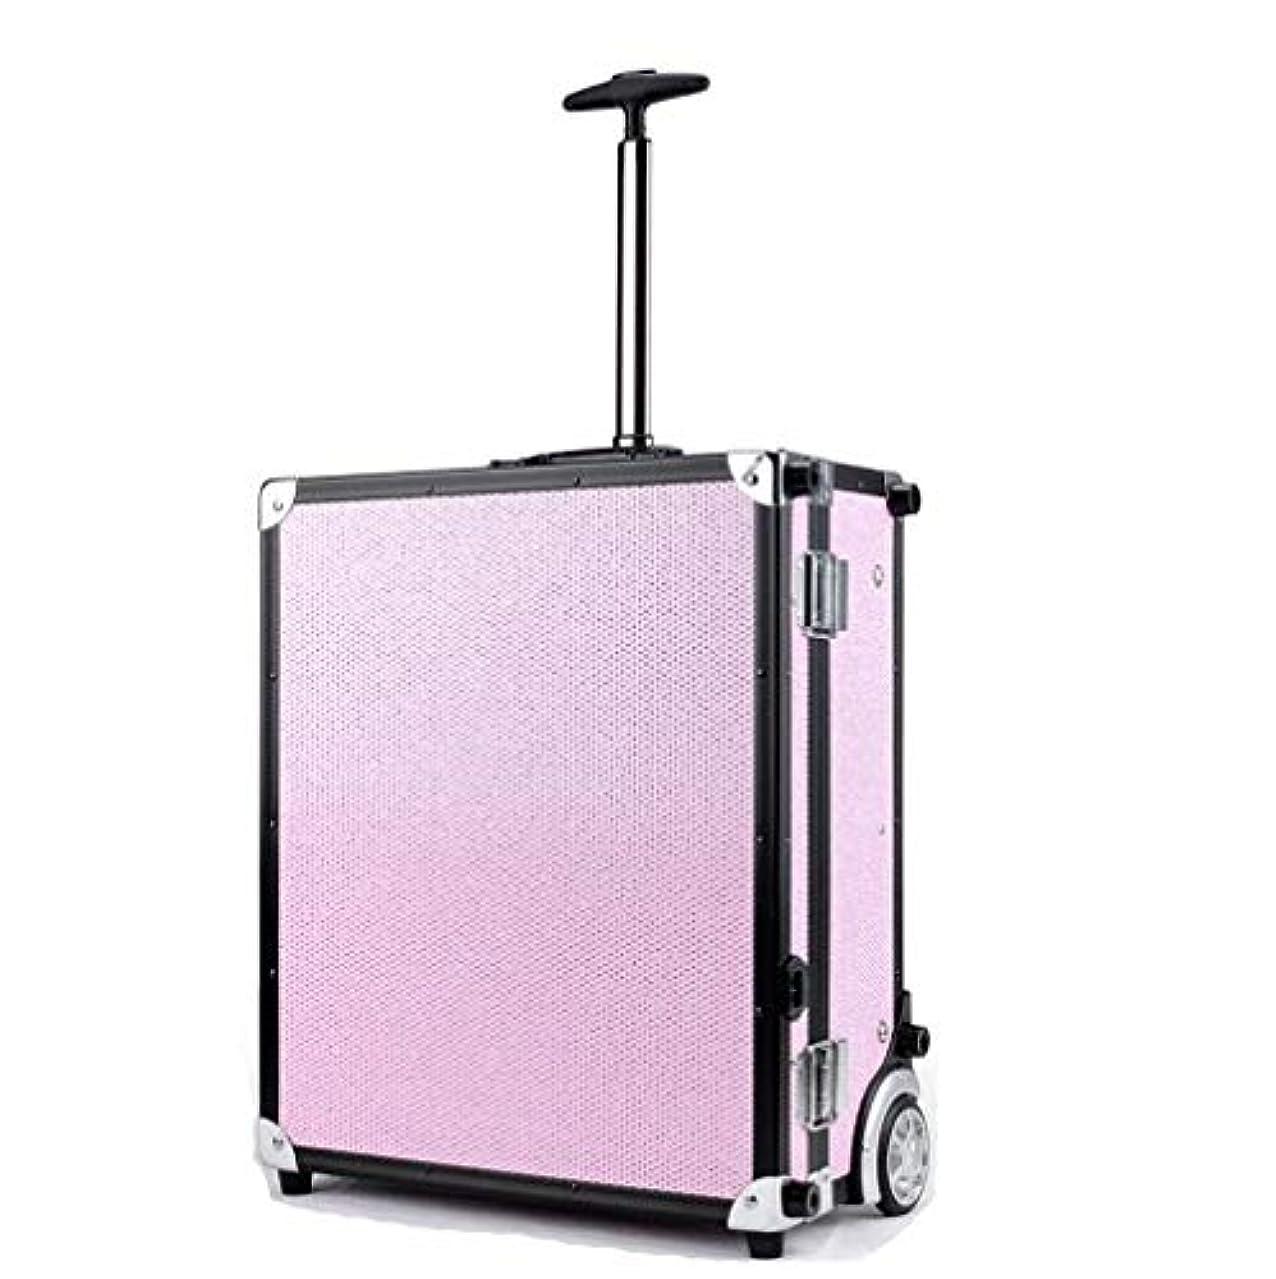 失業者シーサイド木BUMC 化粧トロリーケース、大きい化粧化粧列車、LEDライト付き、ダイヤモンドオーガナイザーボックス収納付きプロフェッショナル多層化粧品ケース